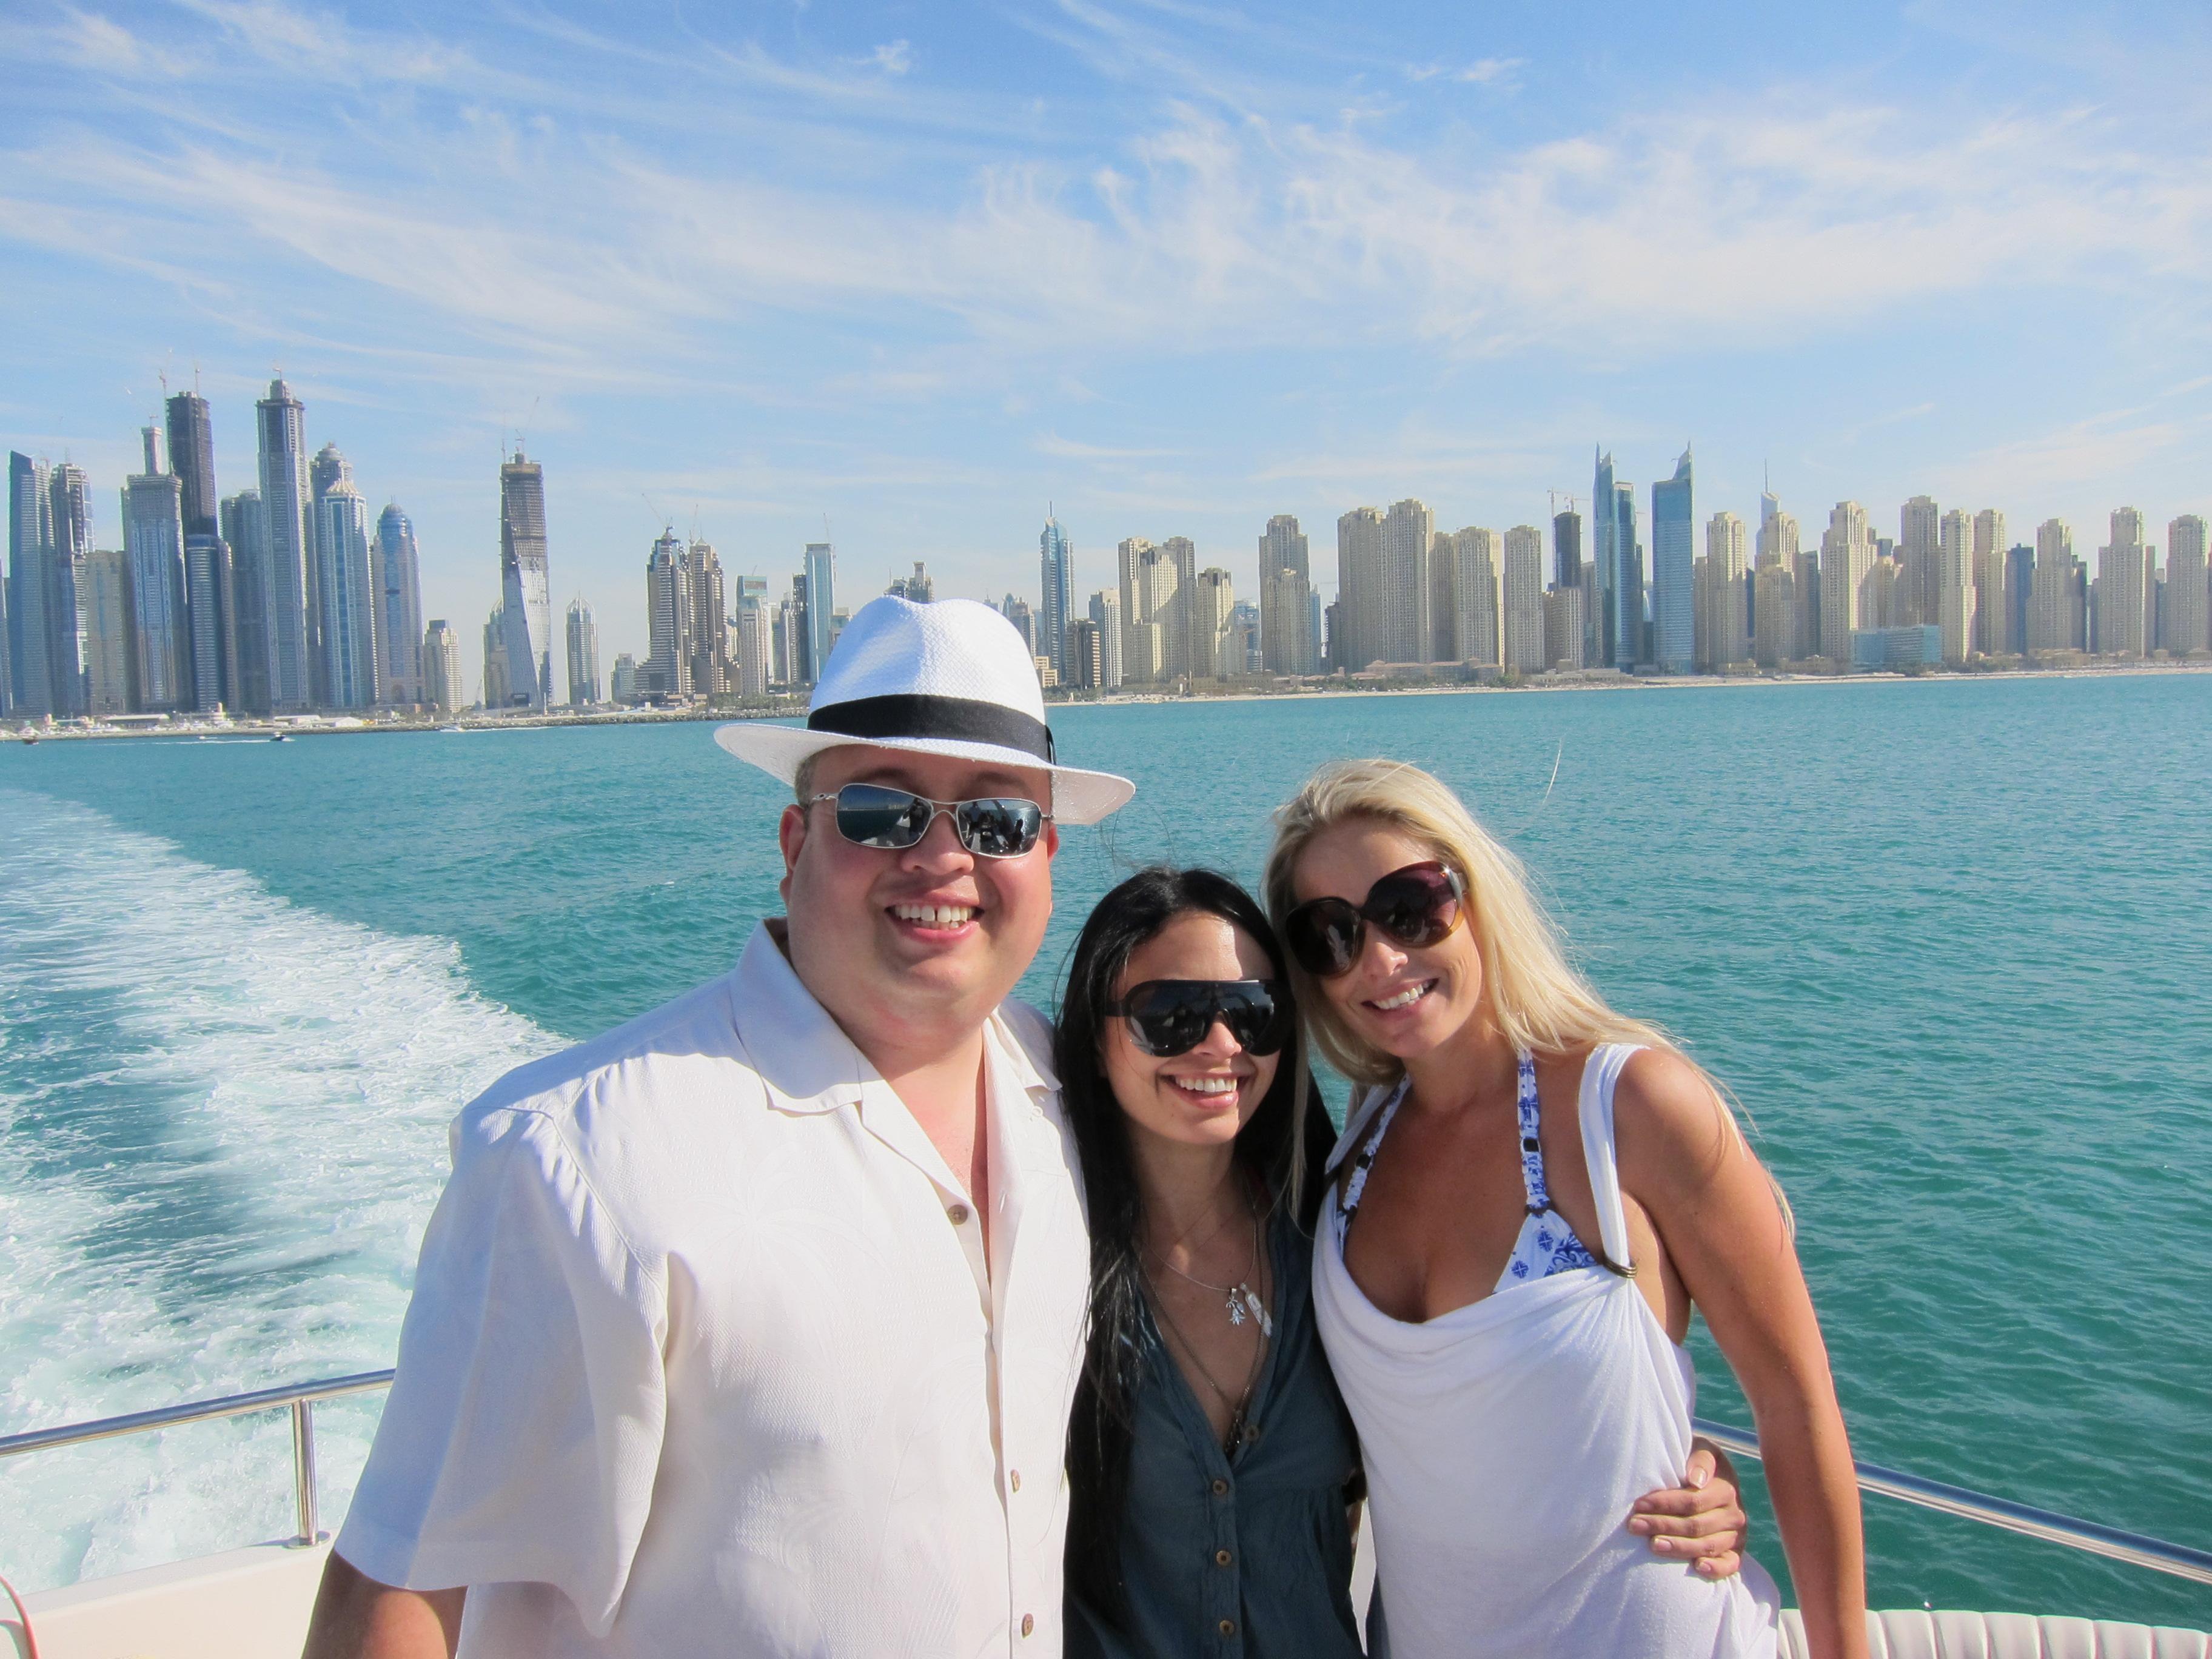 Dubai expatriates erotic photos 353